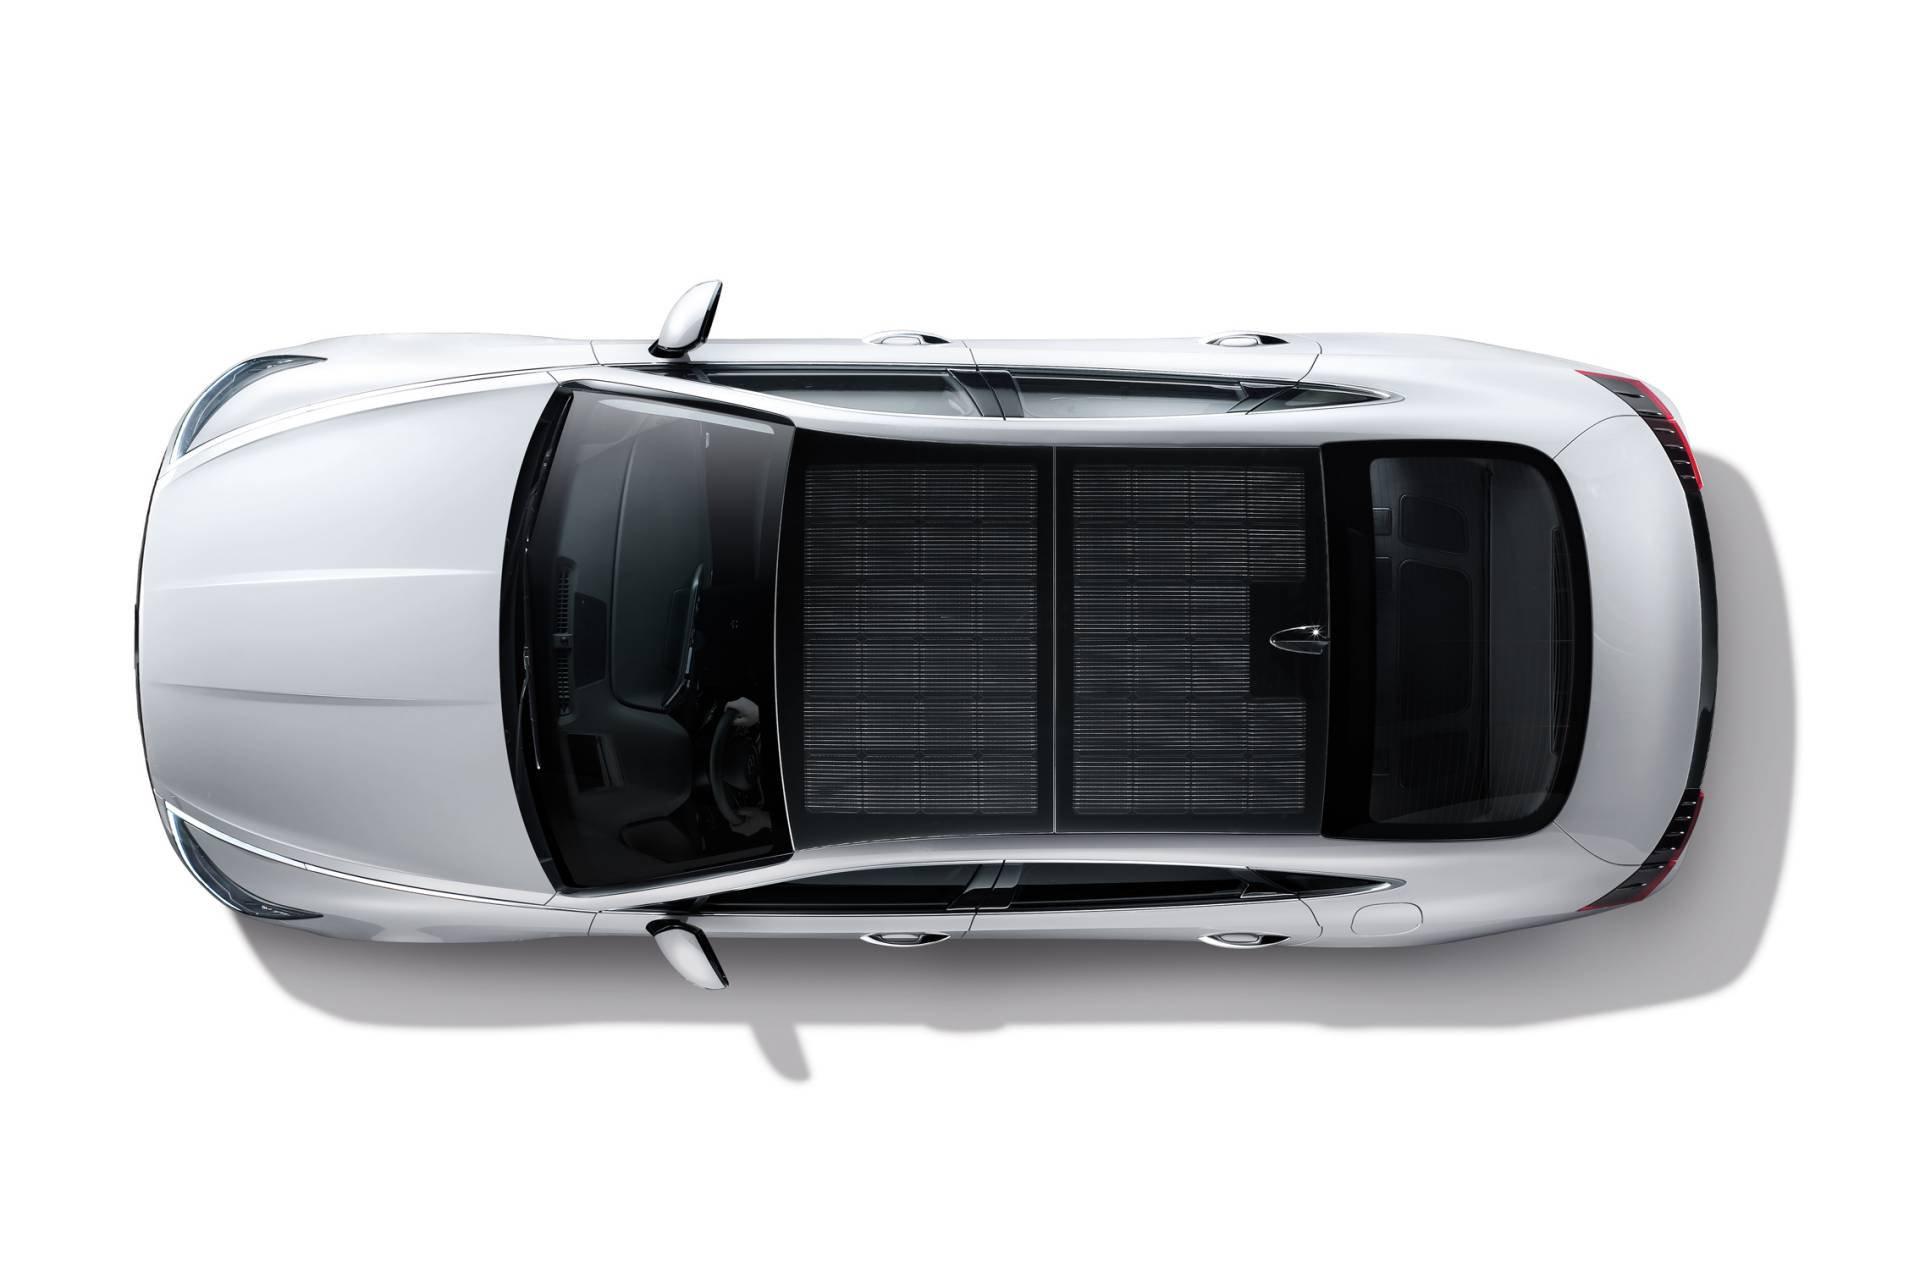 2020_Hyundai_Sonata_Hybrid_0003